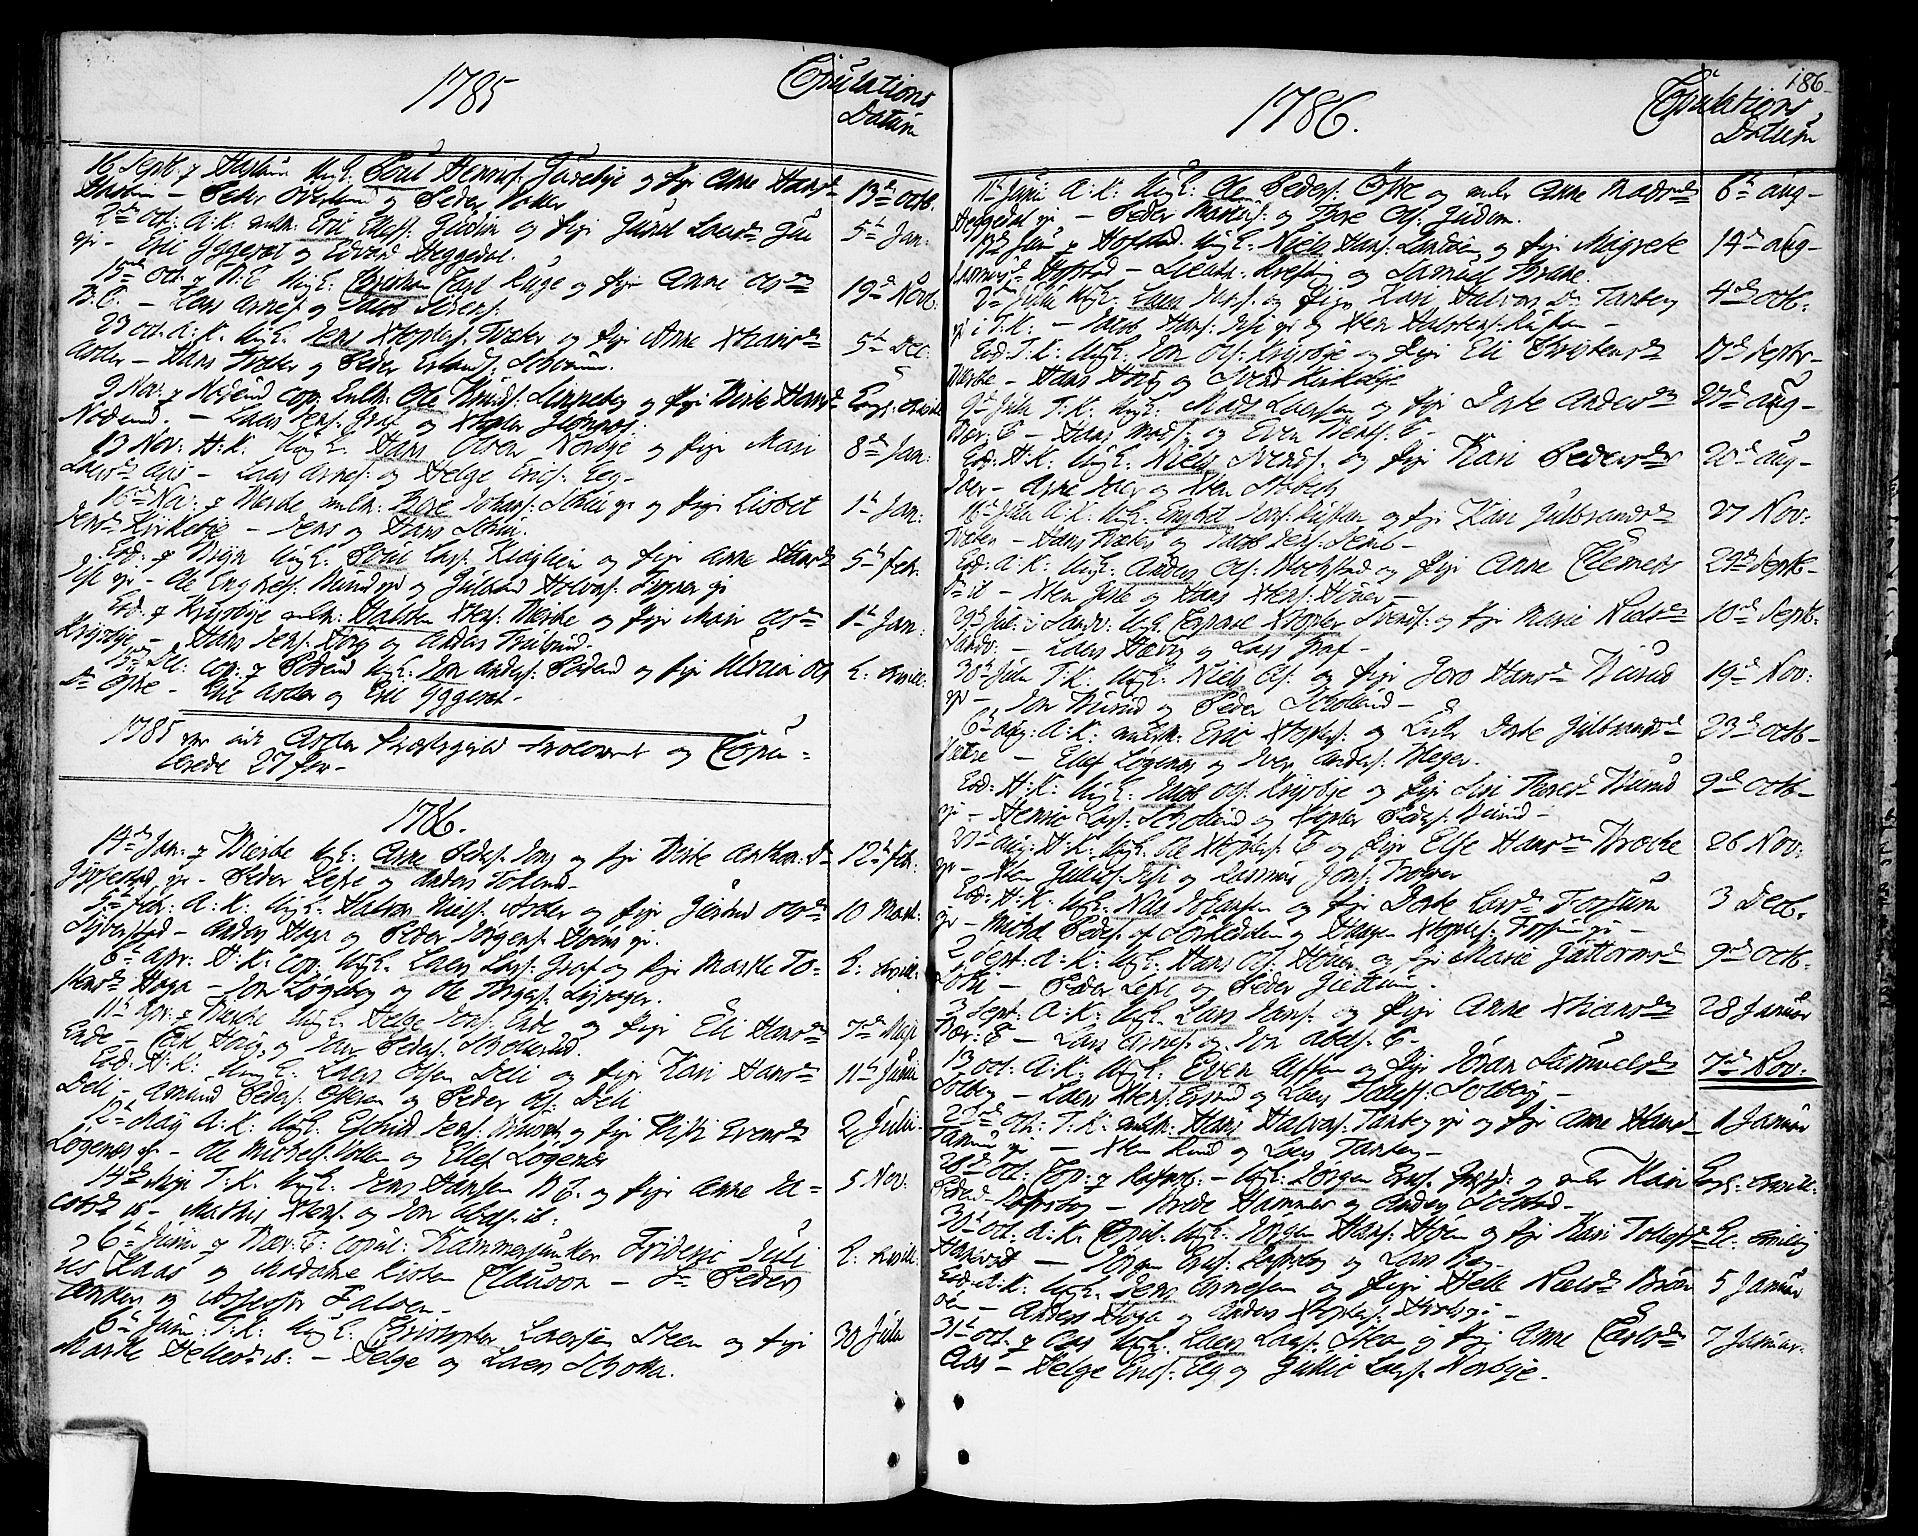 SAO, Asker prestekontor Kirkebøker, F/Fa/L0003: Ministerialbok nr. I 3, 1767-1807, s. 186